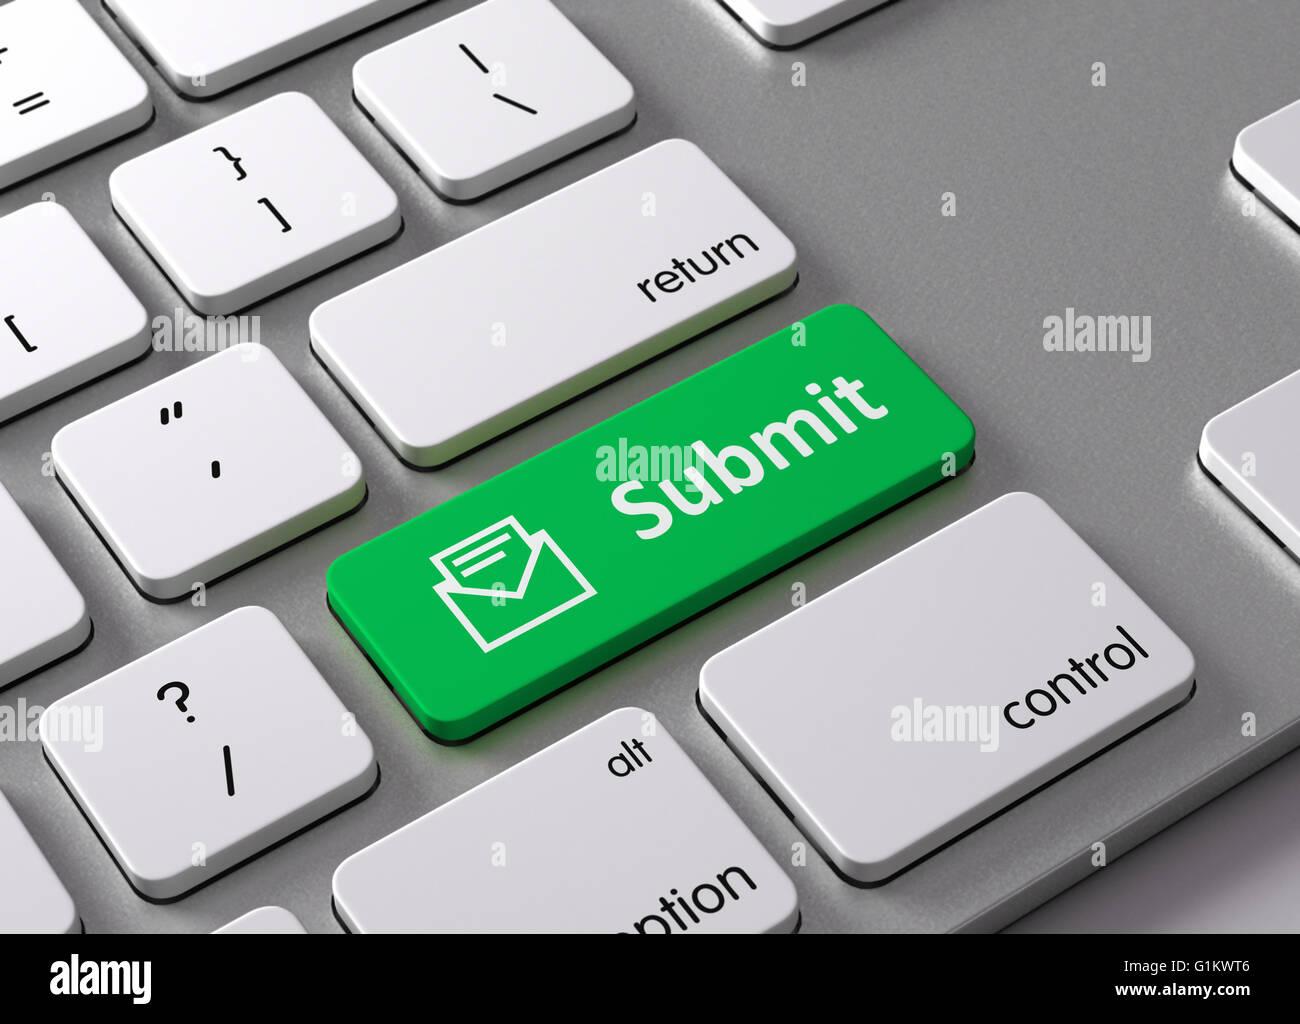 Un teclado con un botón verde Enviar Imagen De Stock